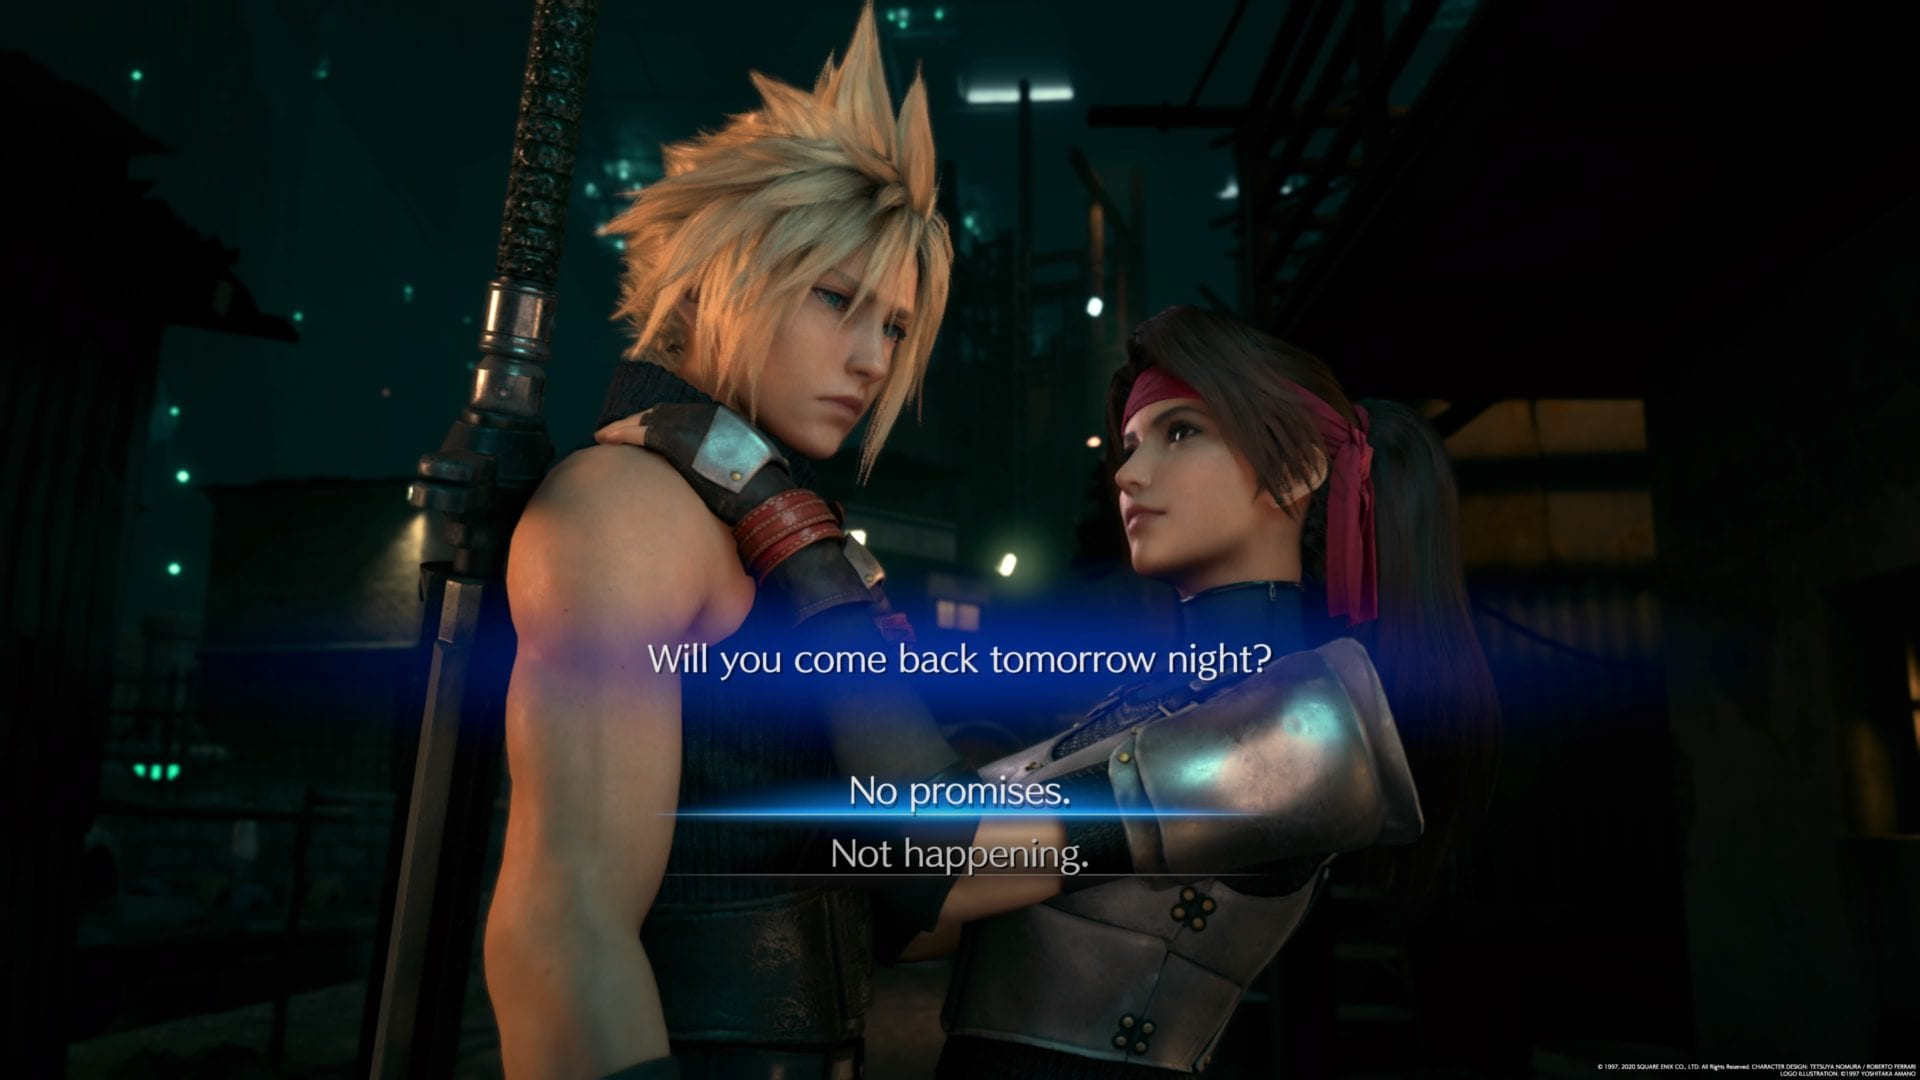 Jesse Final Fantasy 7 fecha de la nueva versión, sin promesas, no sucede, qué decir